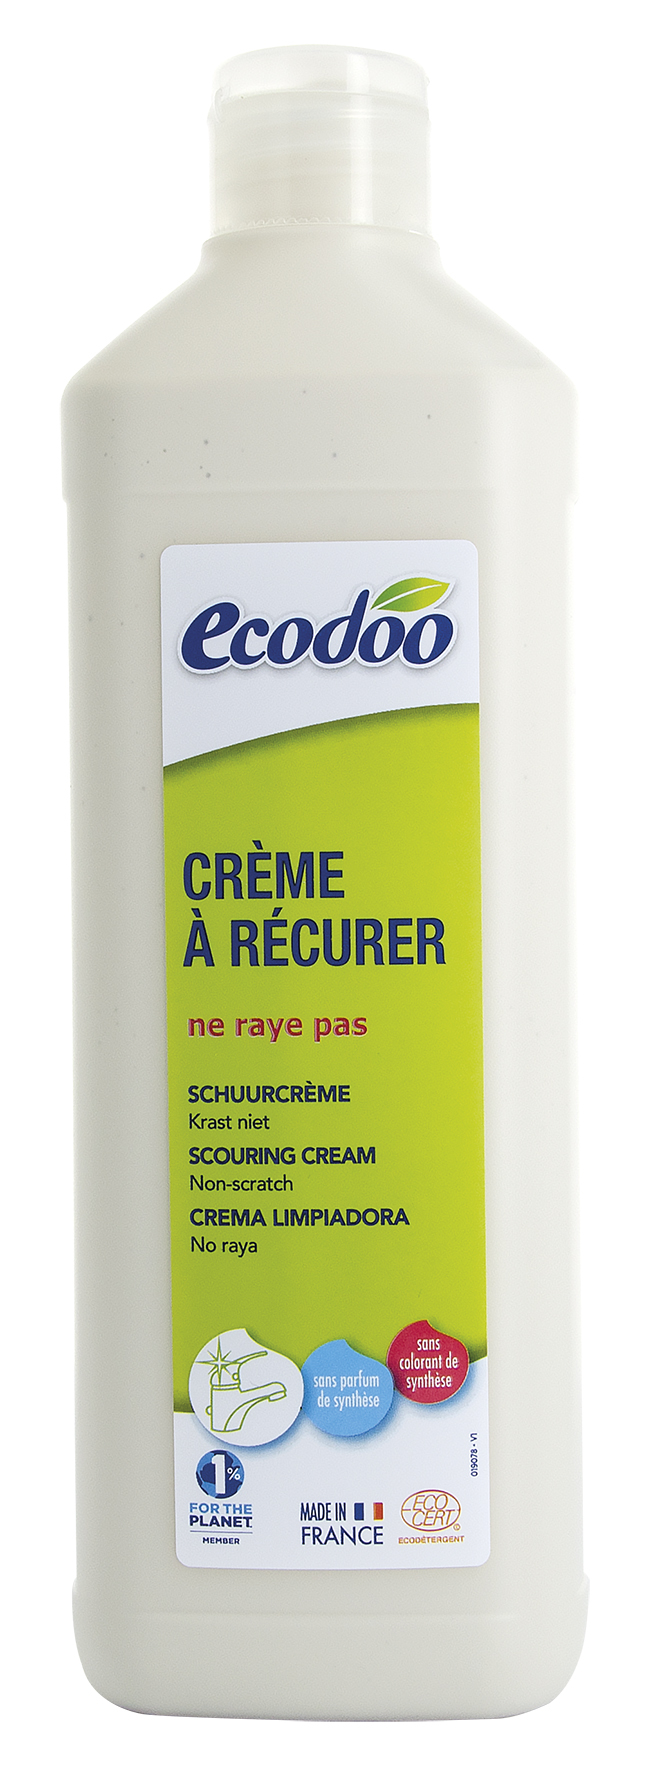 Crème à récurer, Ecodoo (500 ml)